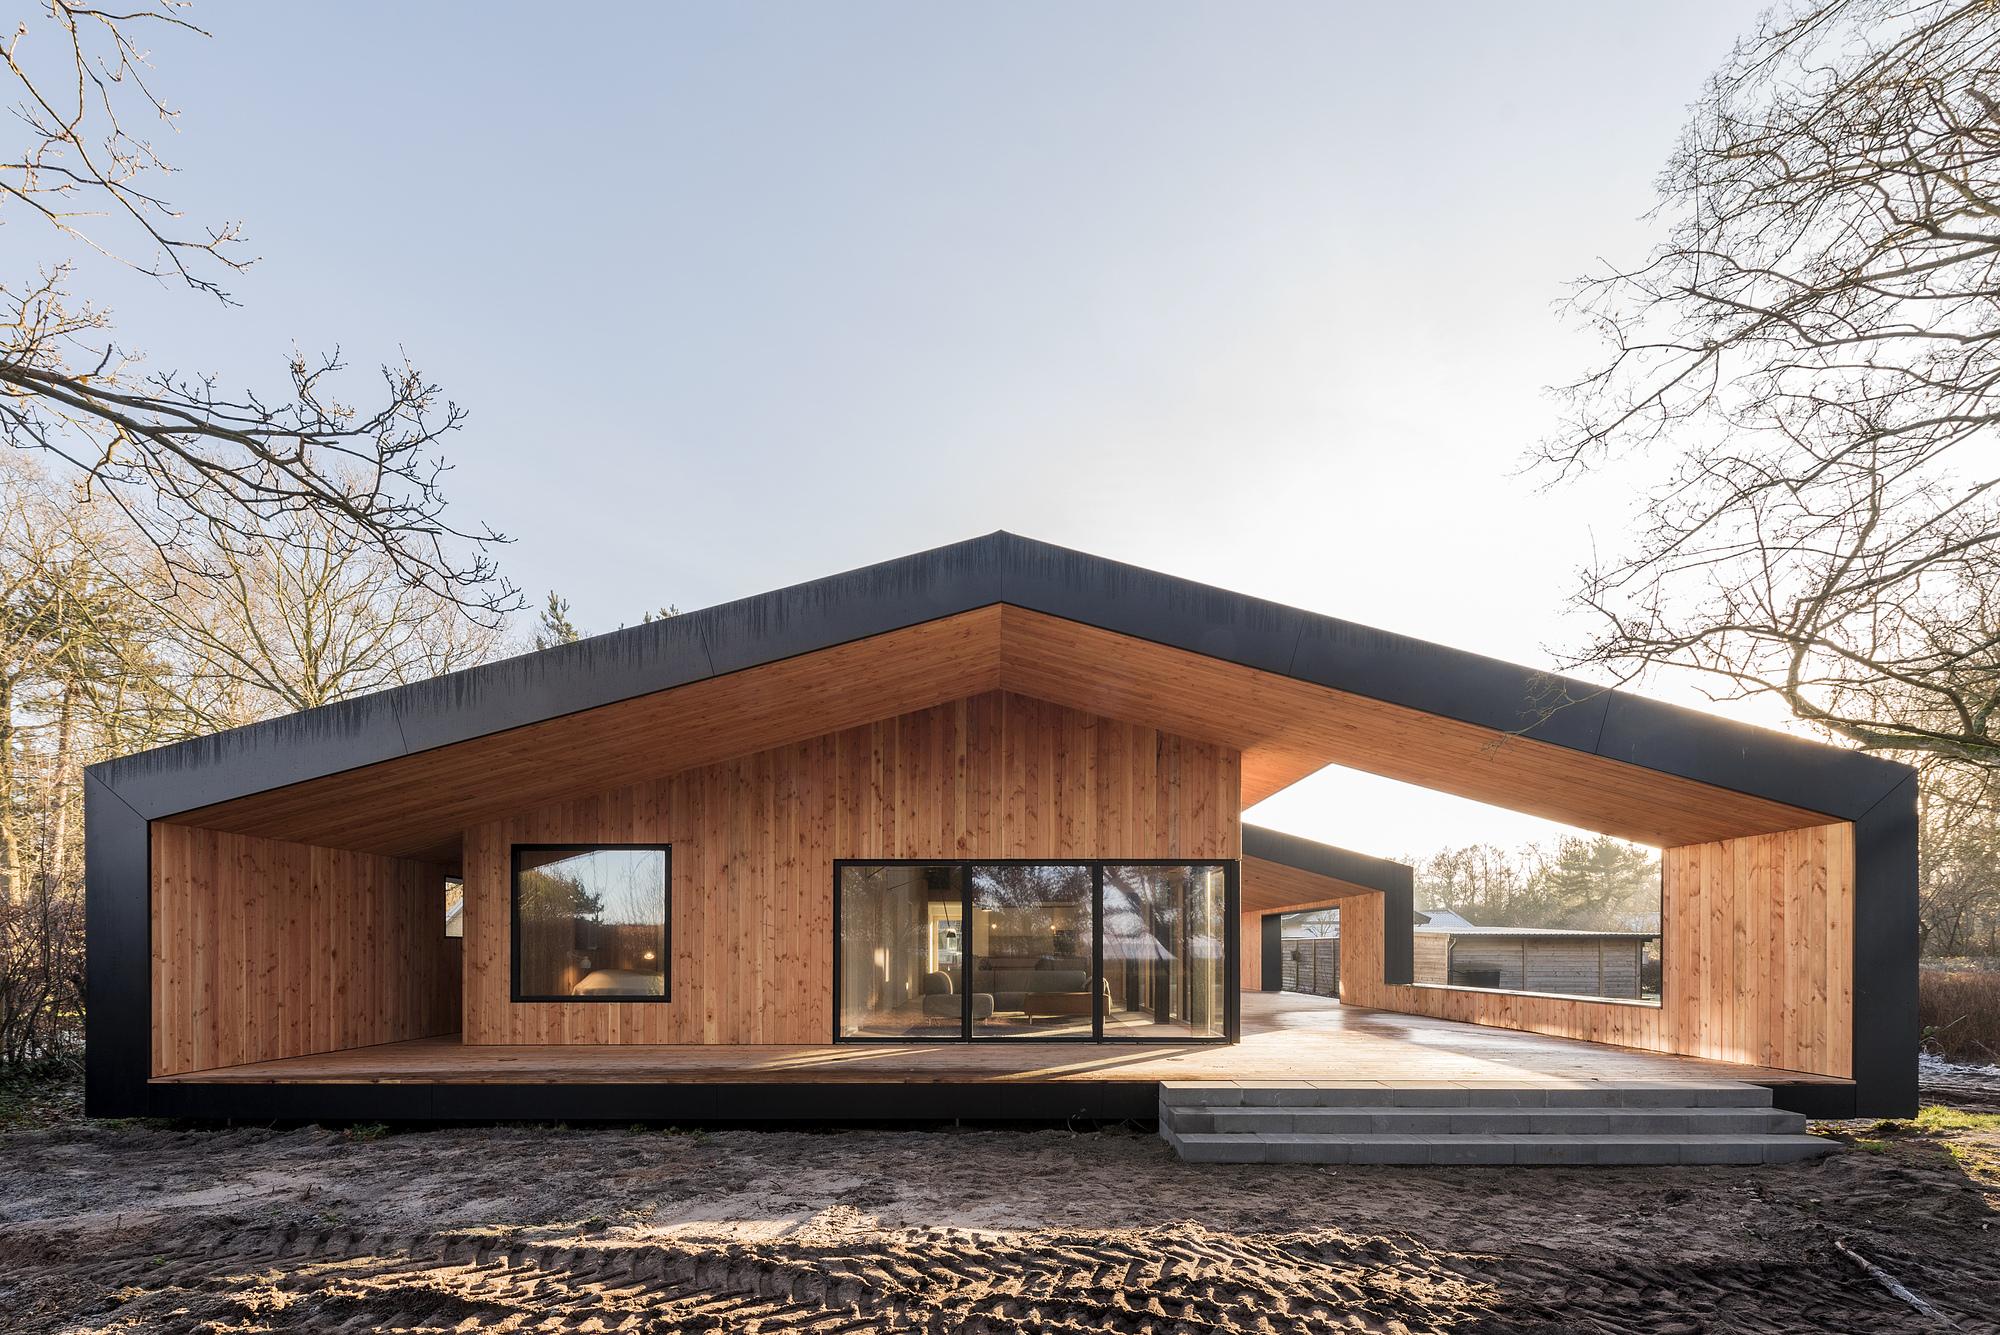 Summer House / CEBRA, Denmark, 2017 [2,000px × 1,335px][OC]